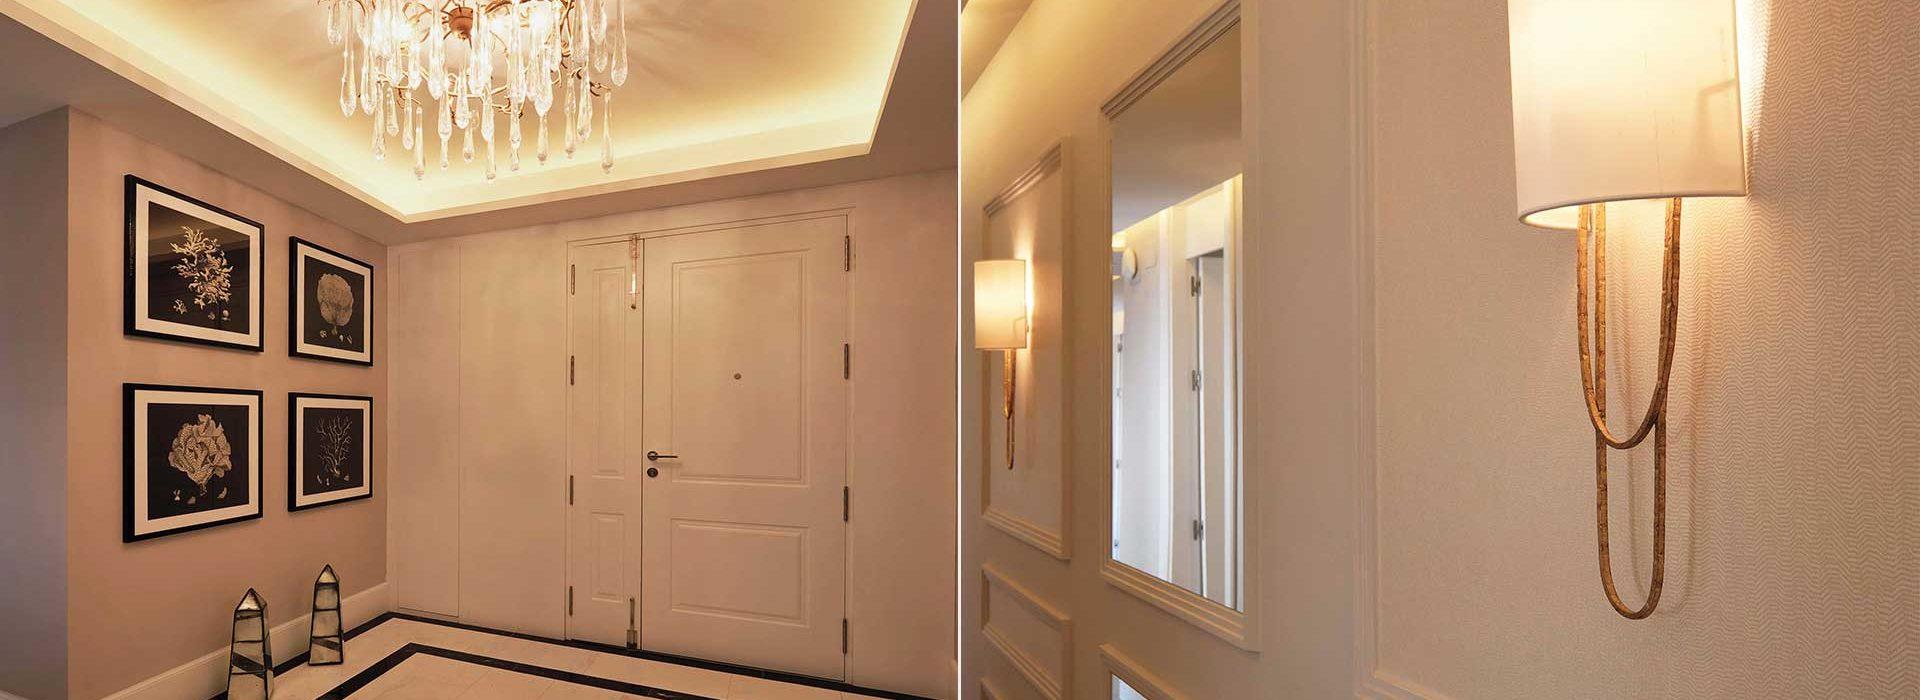 MADRID-RESIDENTIAL-APARTMENT-06-Dome-interior-design-Geneve-Suisse